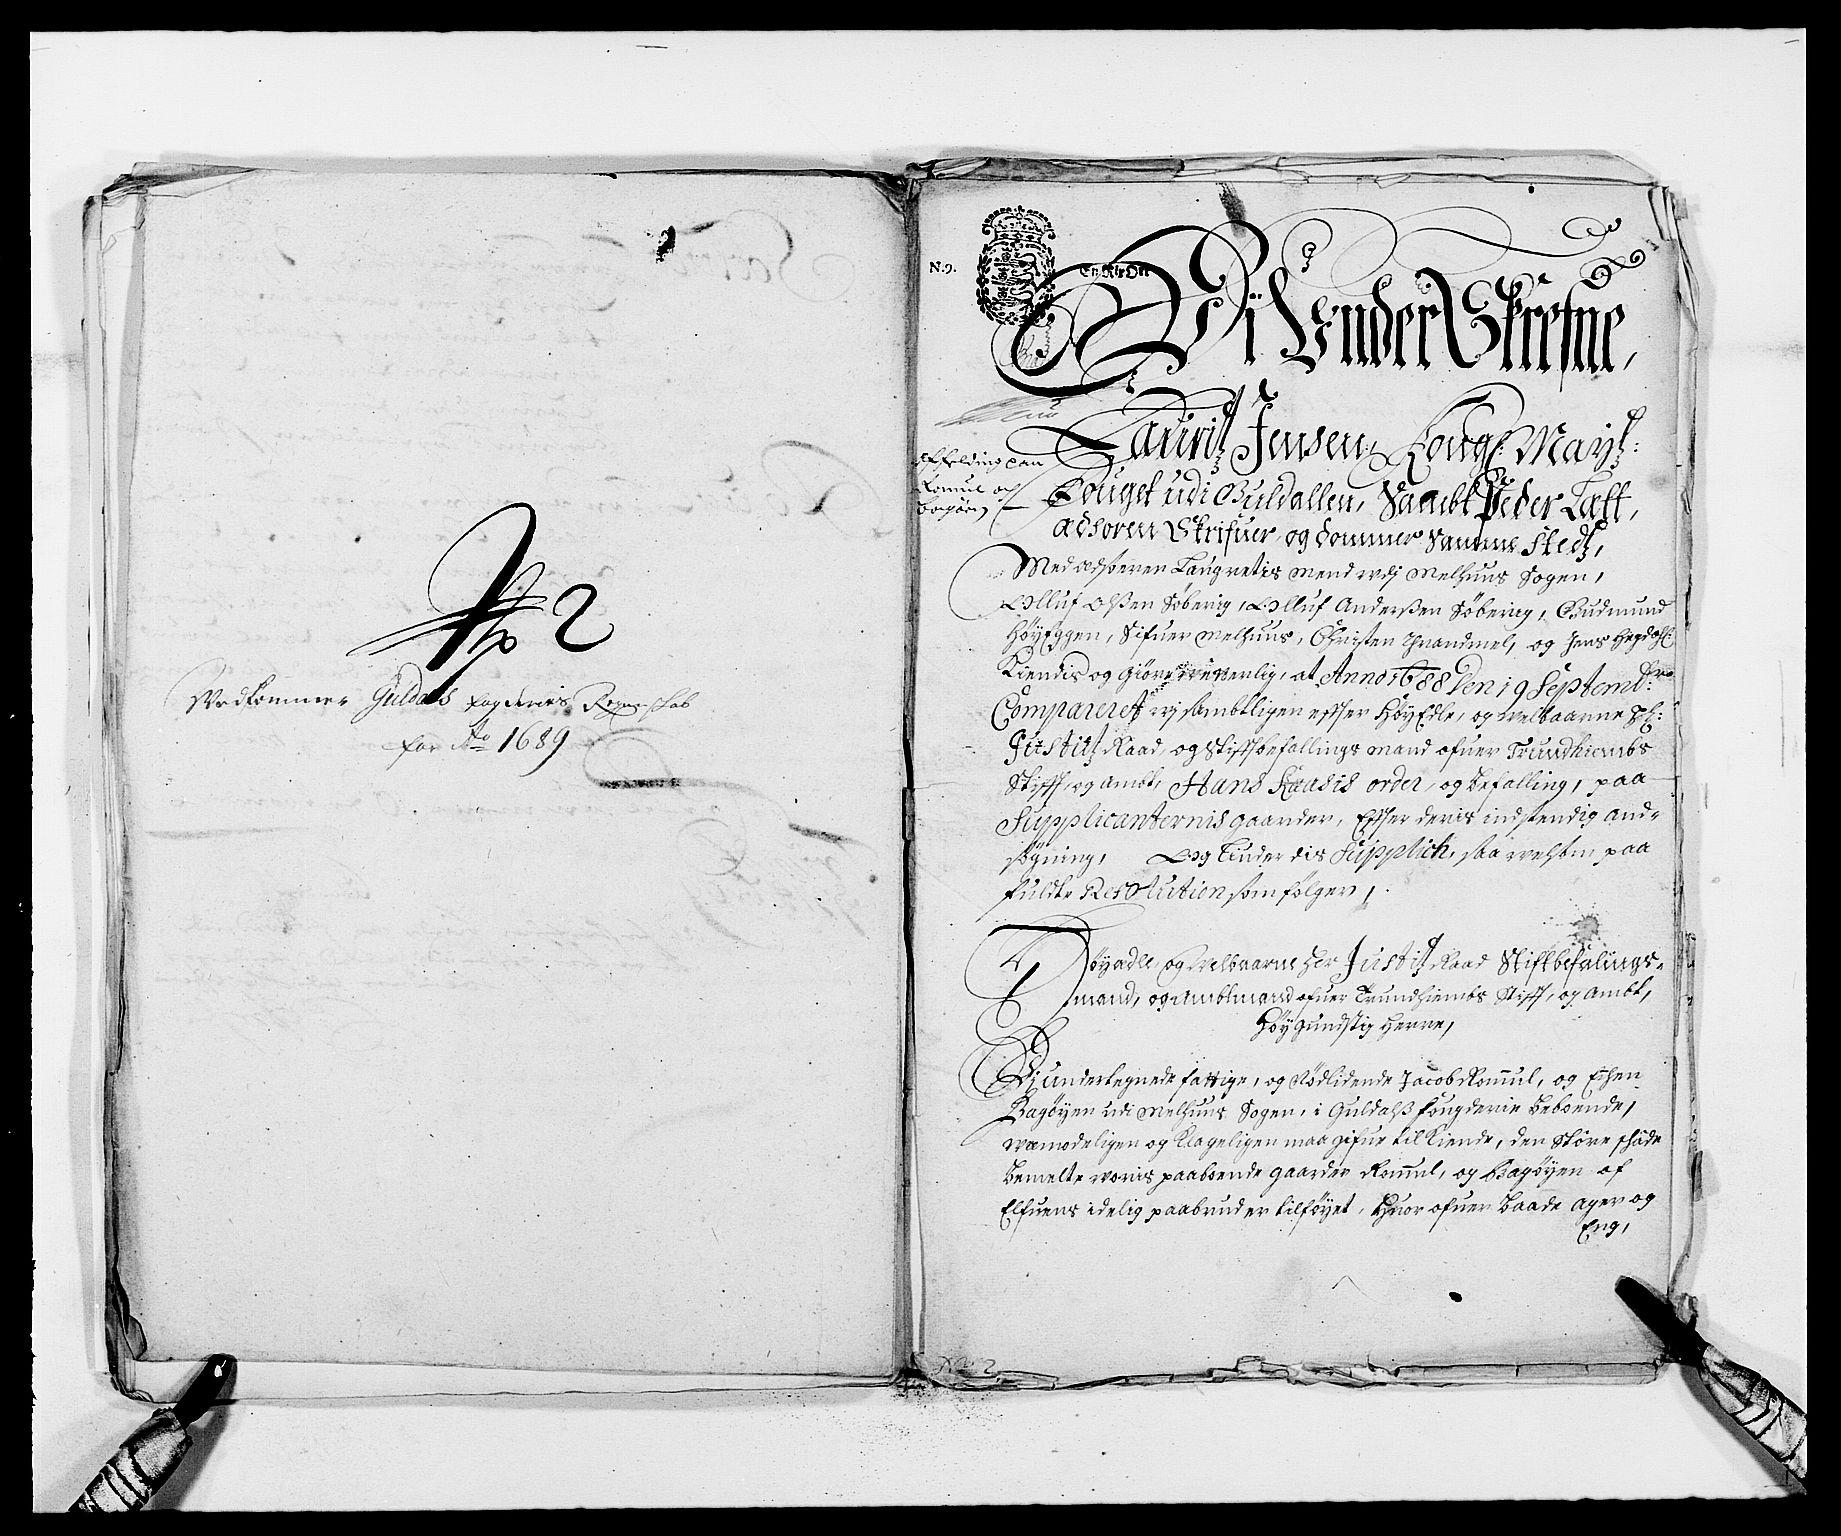 RA, Rentekammeret inntil 1814, Reviderte regnskaper, Fogderegnskap, R59/L3940: Fogderegnskap Gauldal, 1689-1690, s. 169